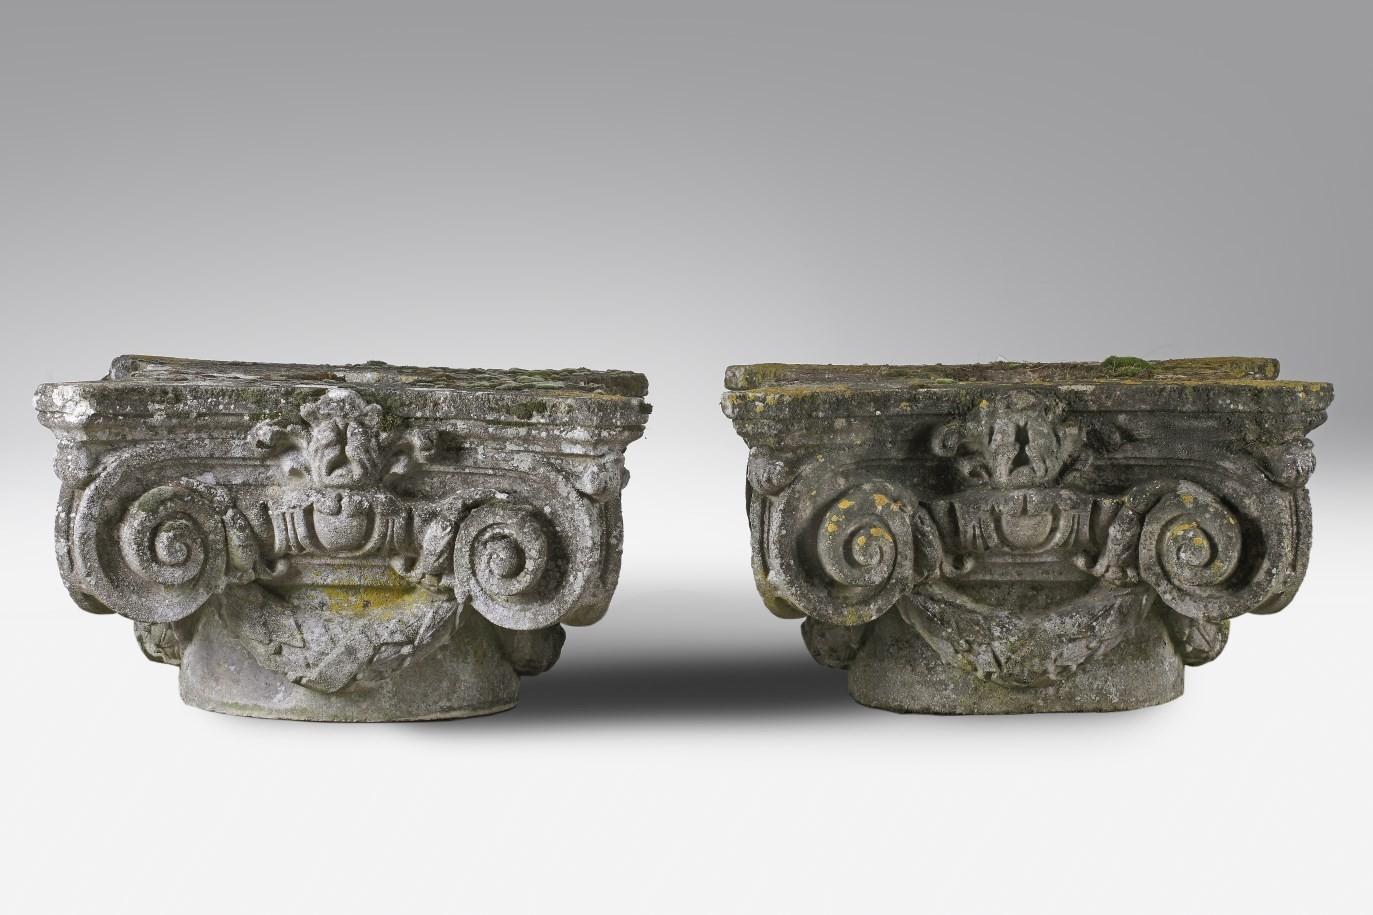 1 Paar Komposit Steinkapitelle, Ende 19. Jh.